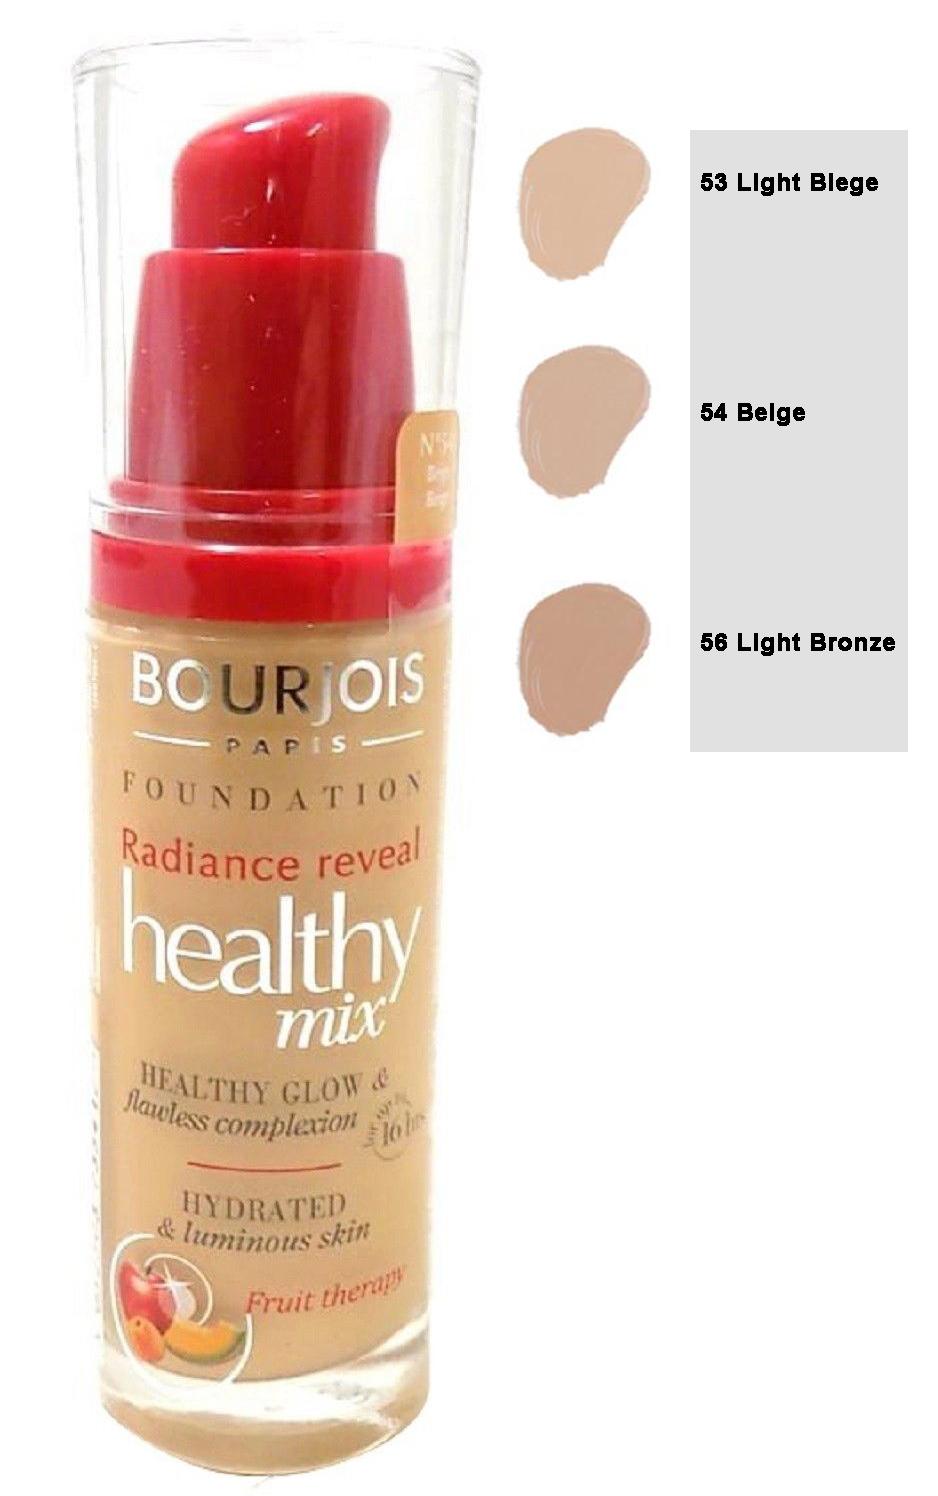 Bourjois Healthy Mix Foundation - 54 Beige